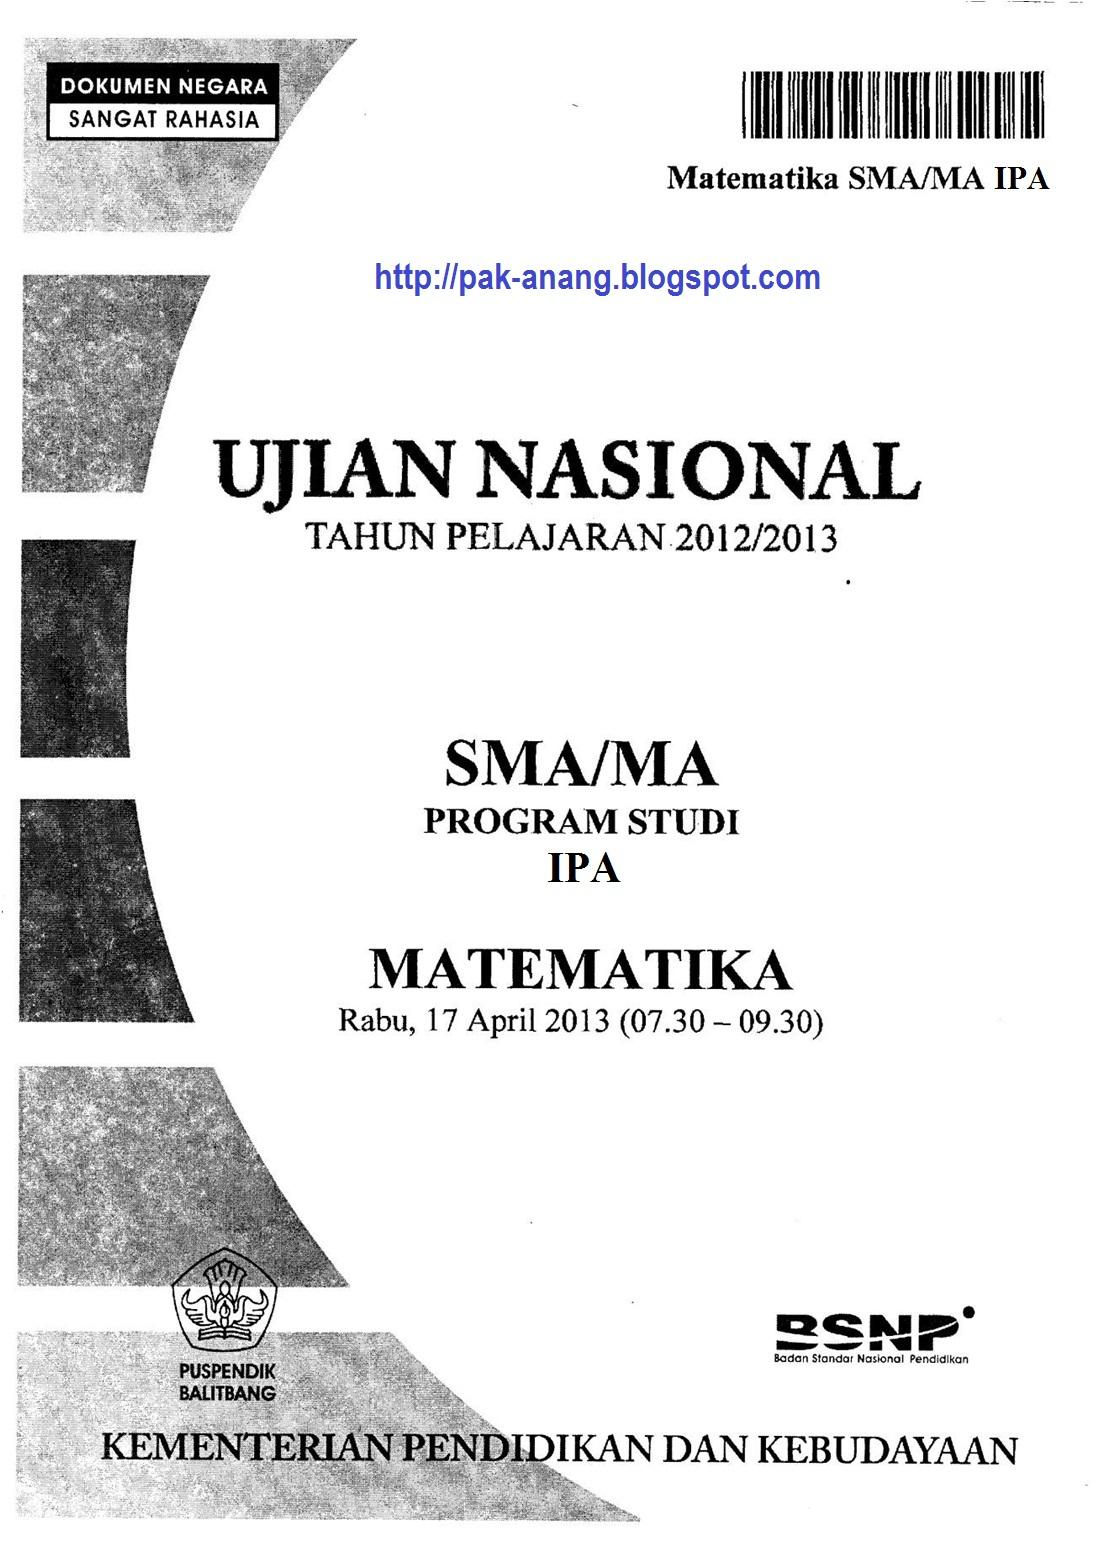 Naskah Soal UN Matematika SMA IPA 2013 Paket 1